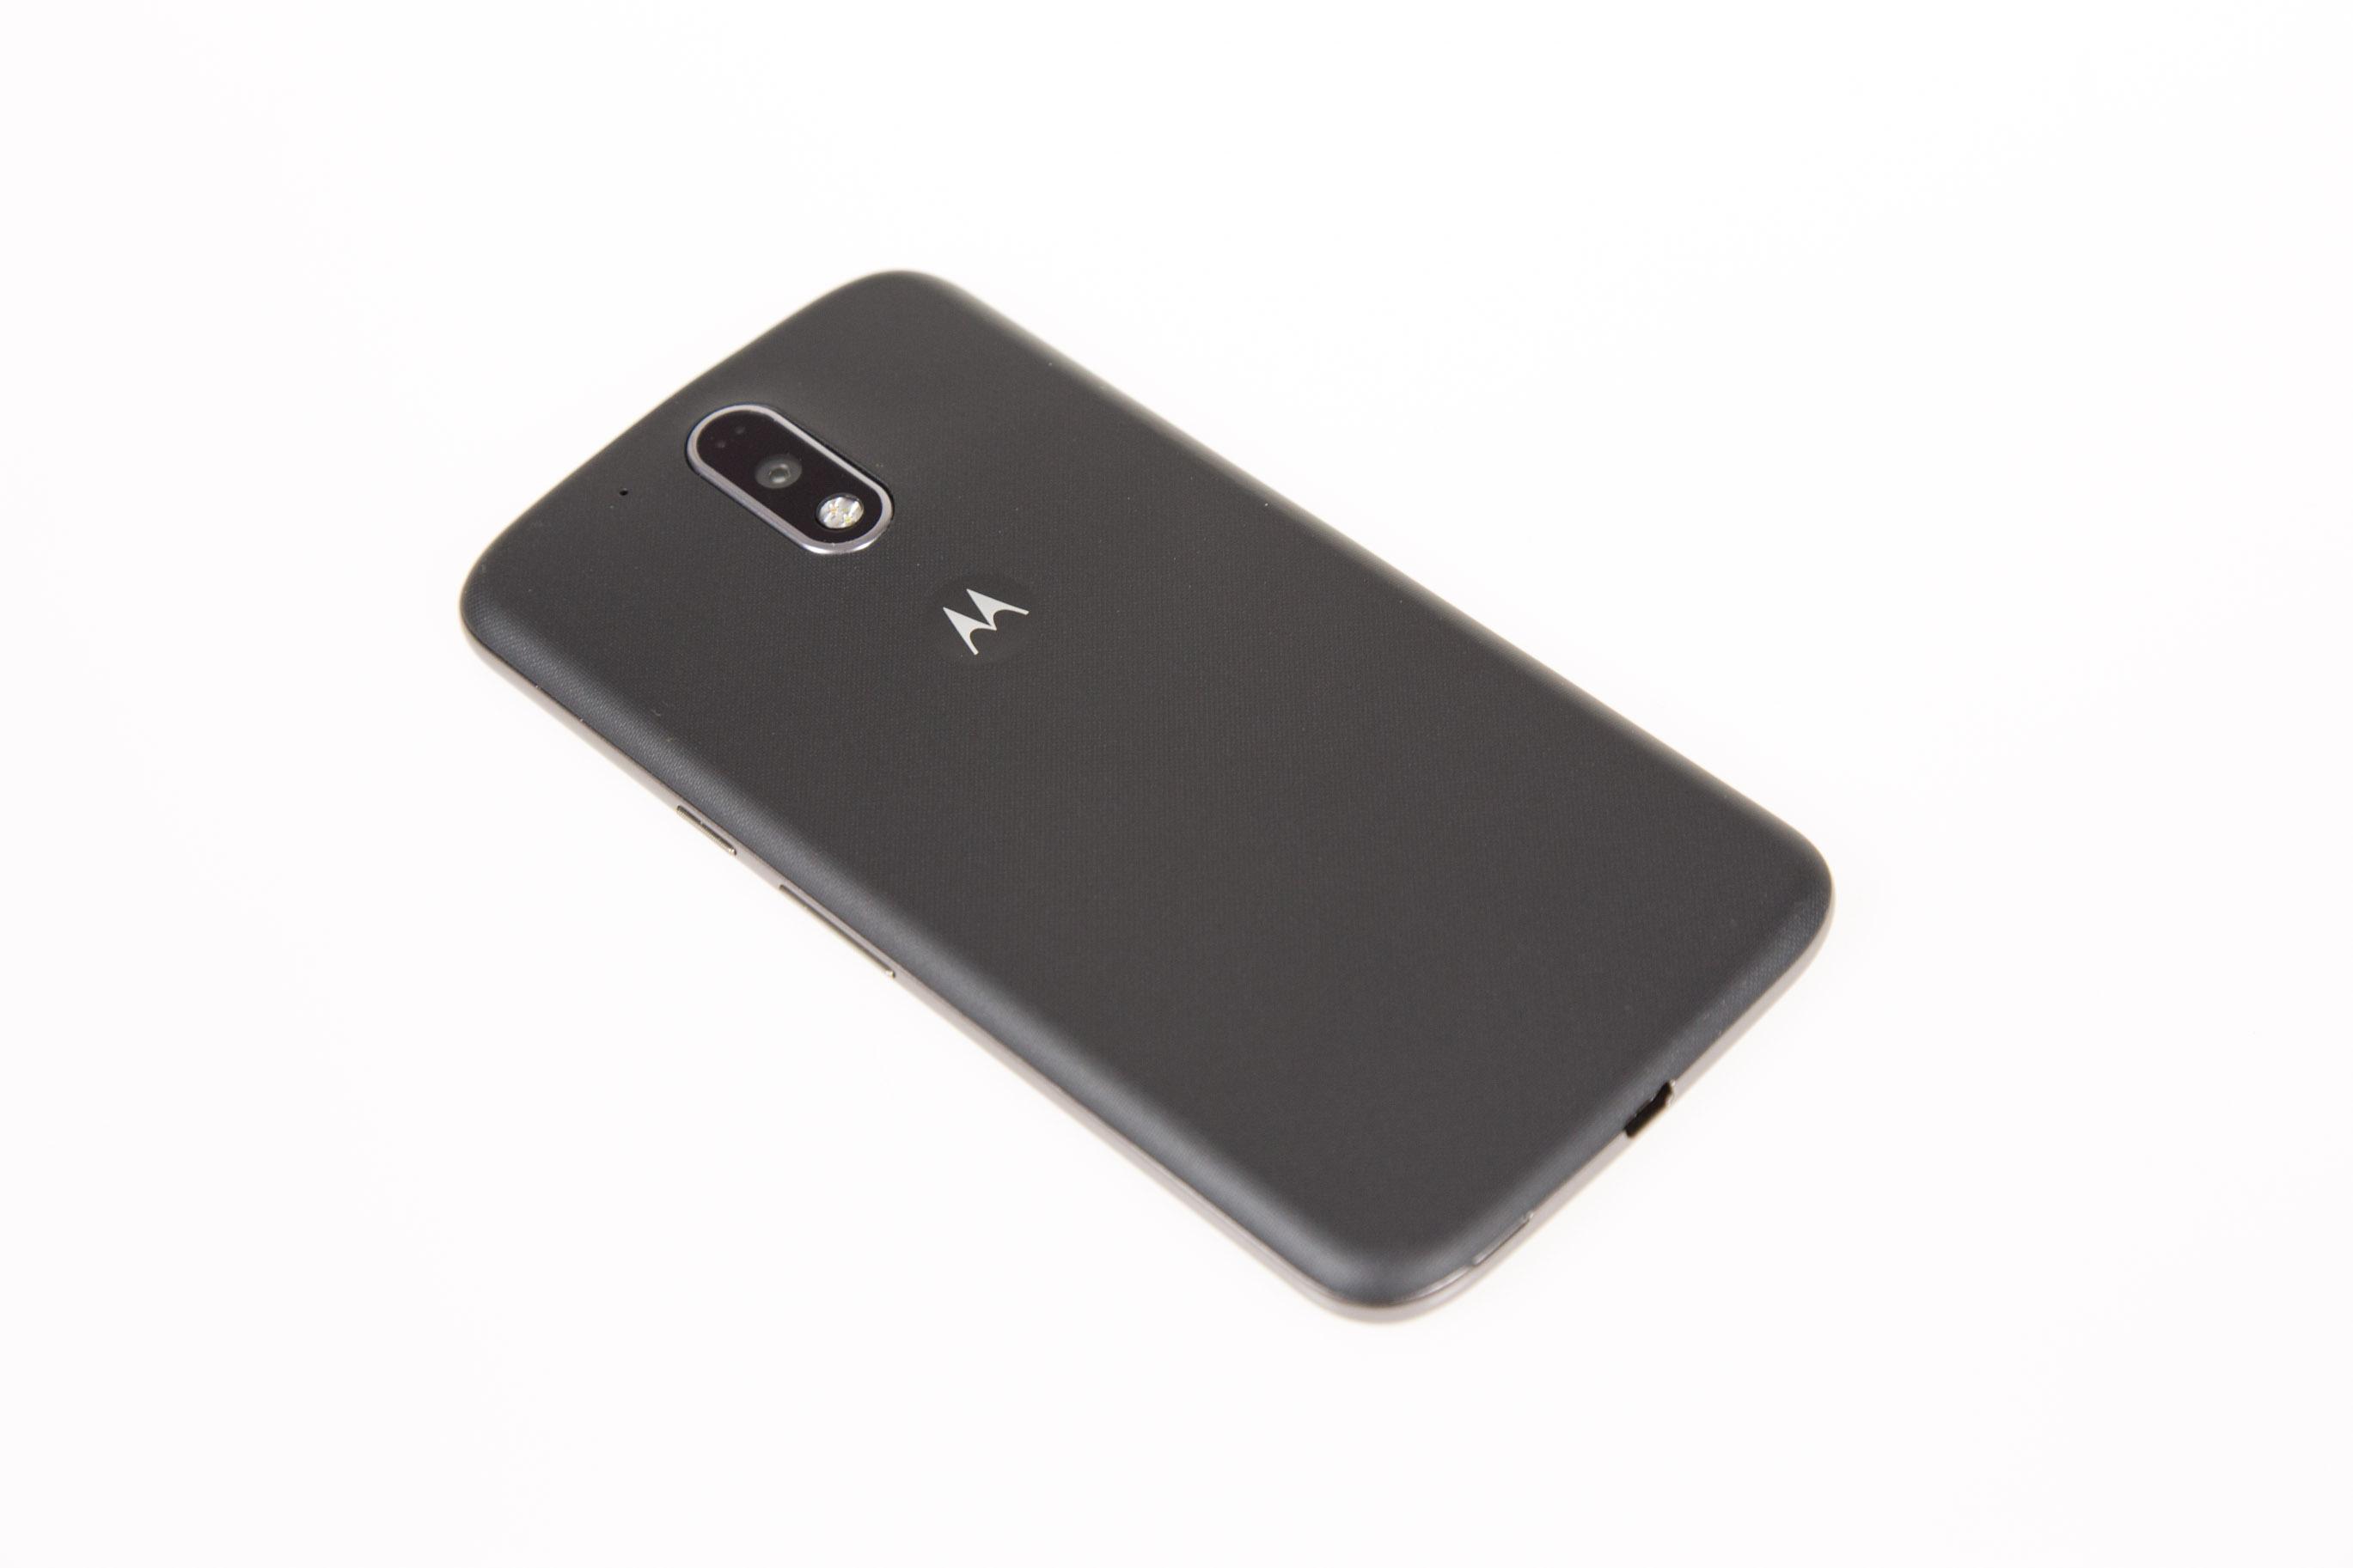 Moto G4 Plus im Hands on: Lenovos sonderbare Entscheidung - Moto G4 Plus mit 16-Megapixel-Kamera (Bild: Martin Wolf/Golem.de)